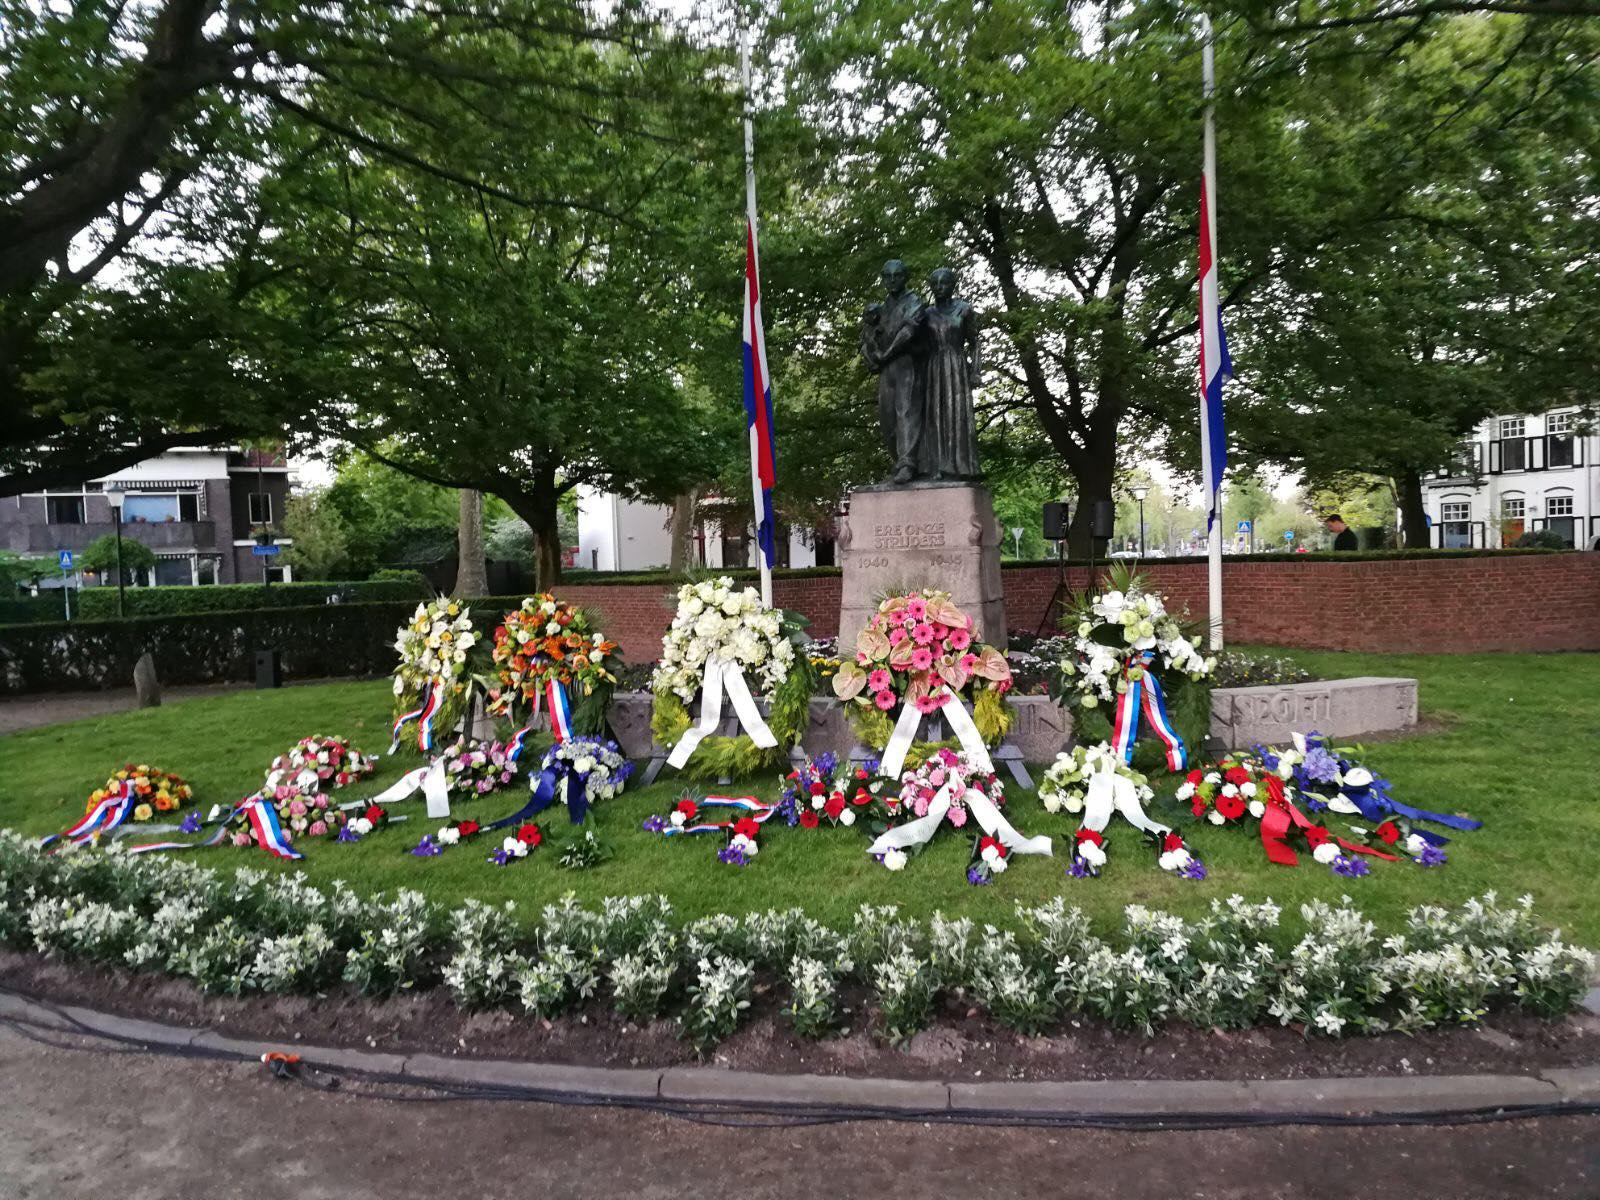 Dodenherdenking en bevrijdingsdag 2020